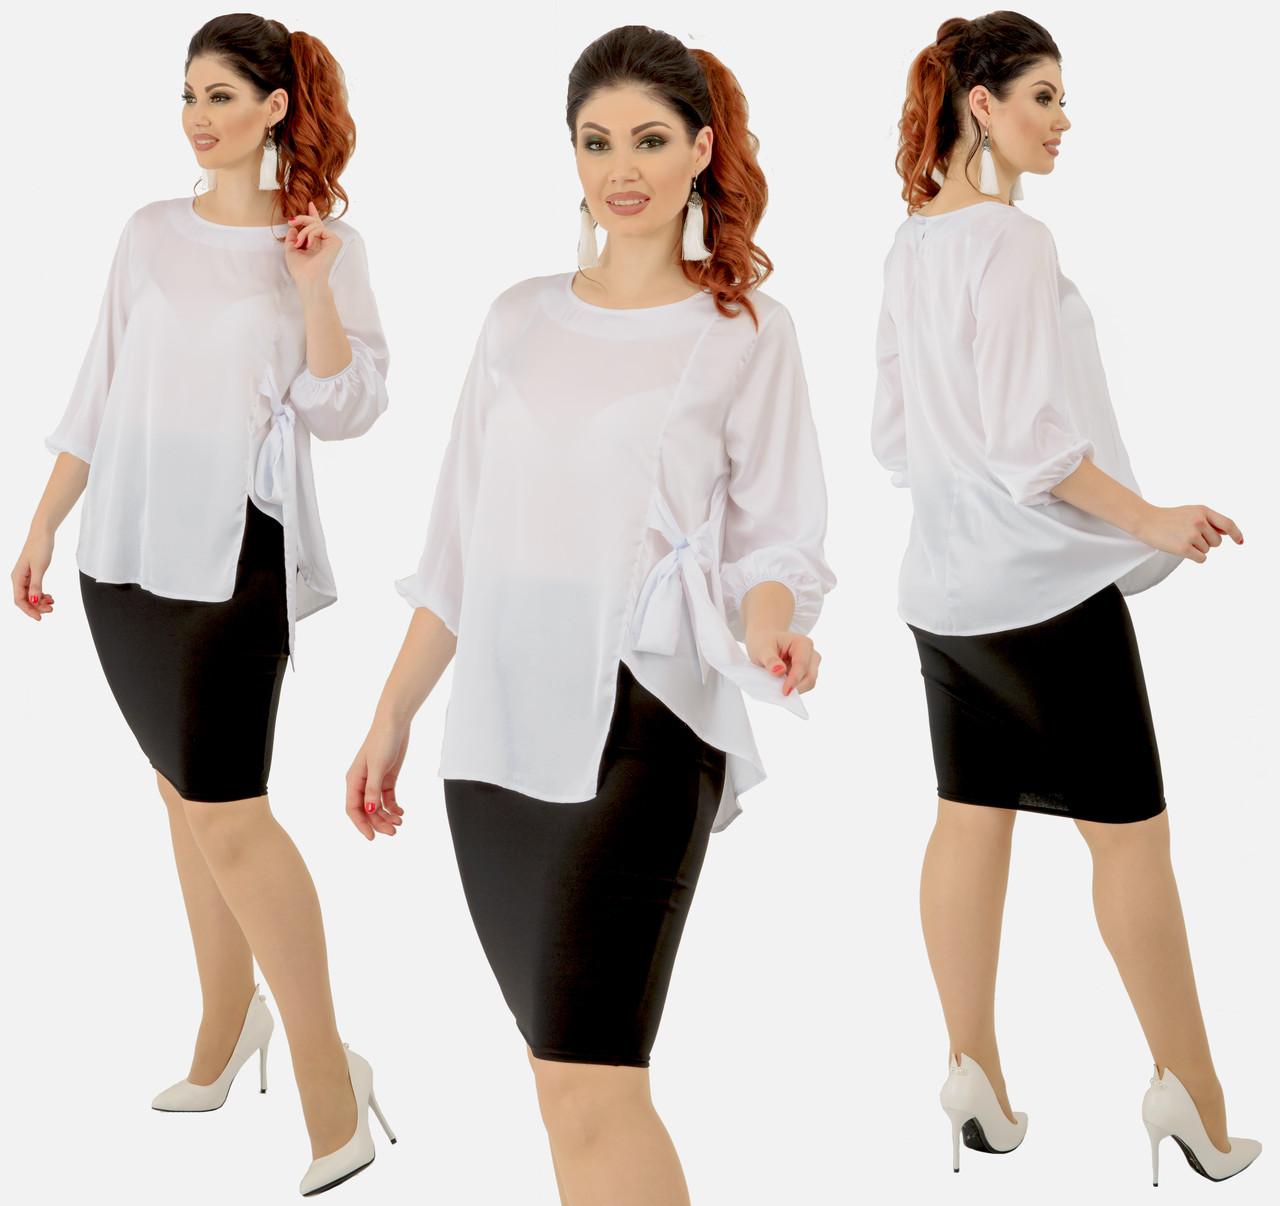 """Женский костюм """"Эльвира"""" большие размеры от 48 до 54 блузка и юбка карандаш цвет белый код 92/9007"""